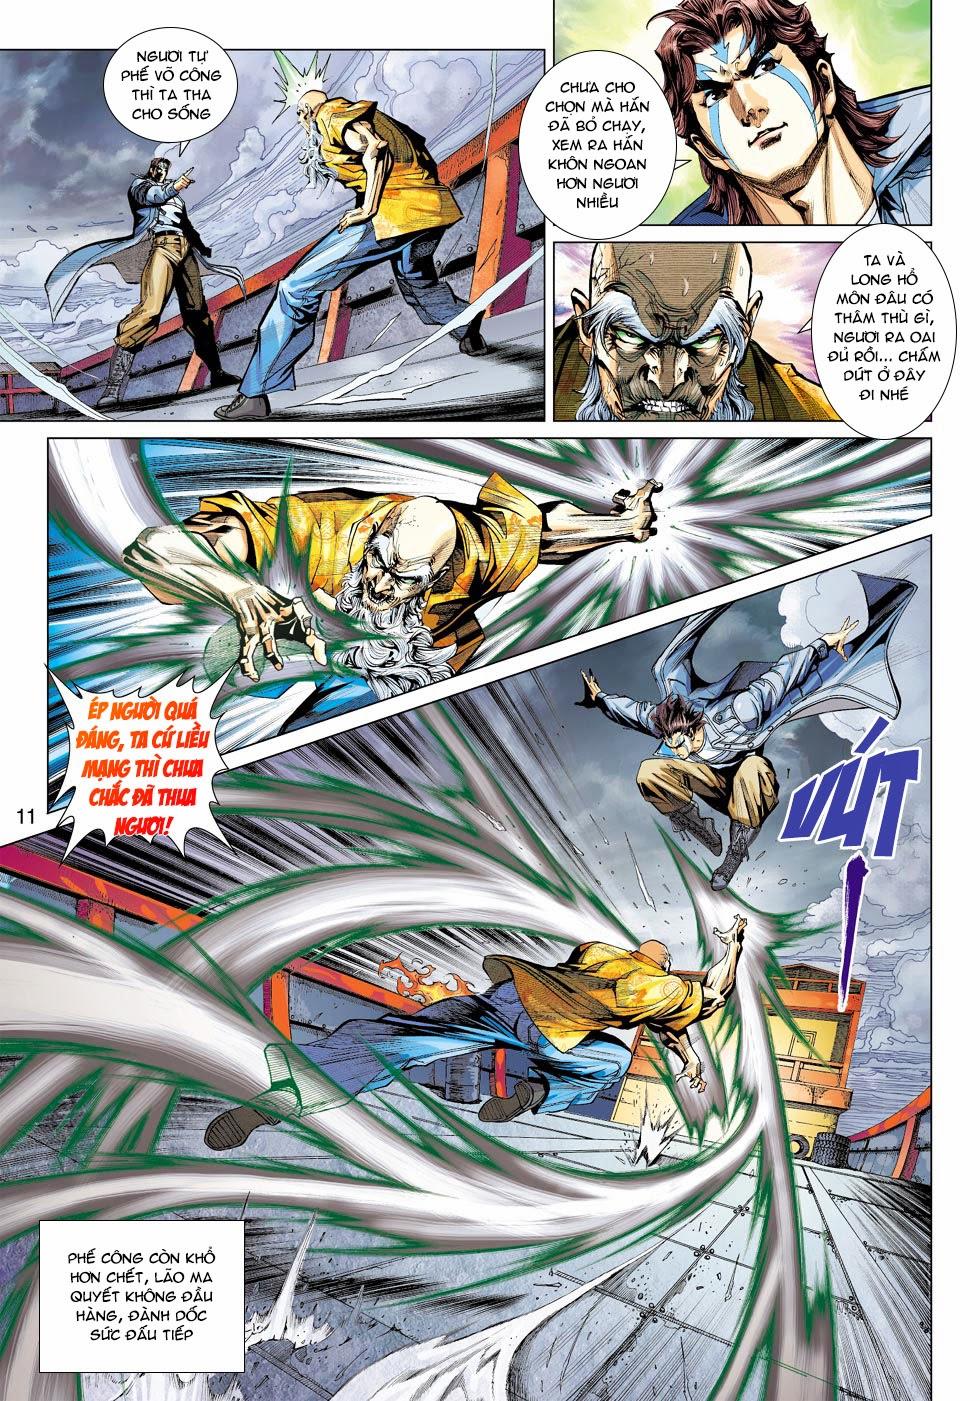 Tân Tác Long Hổ Môn chap 445 - Trang 11